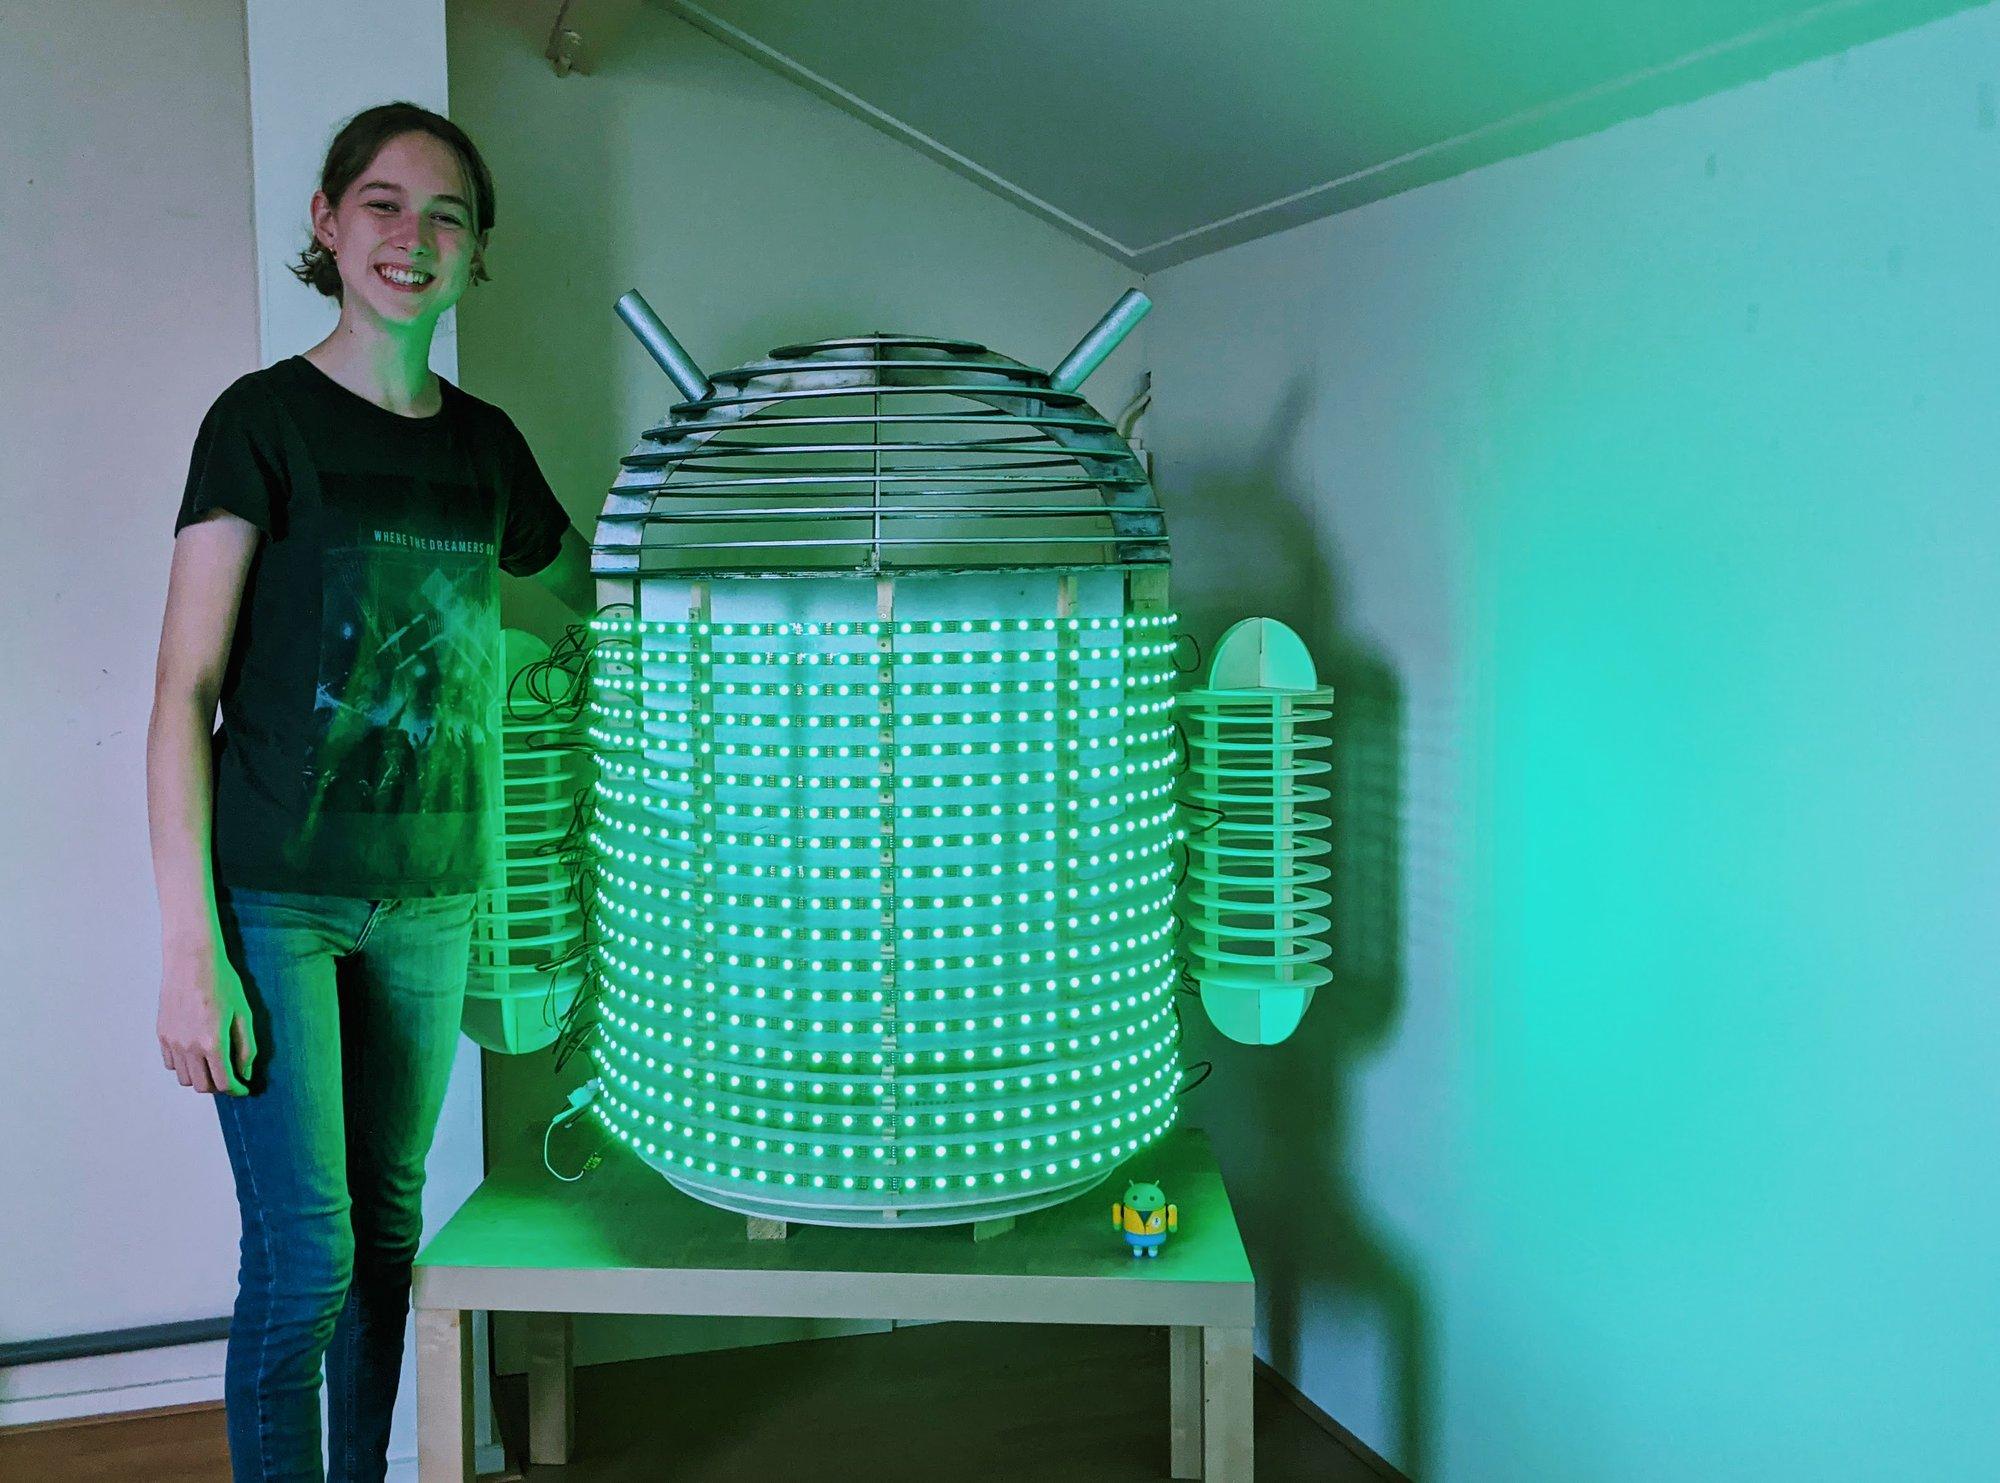 A custom-built robot lightens up the mood